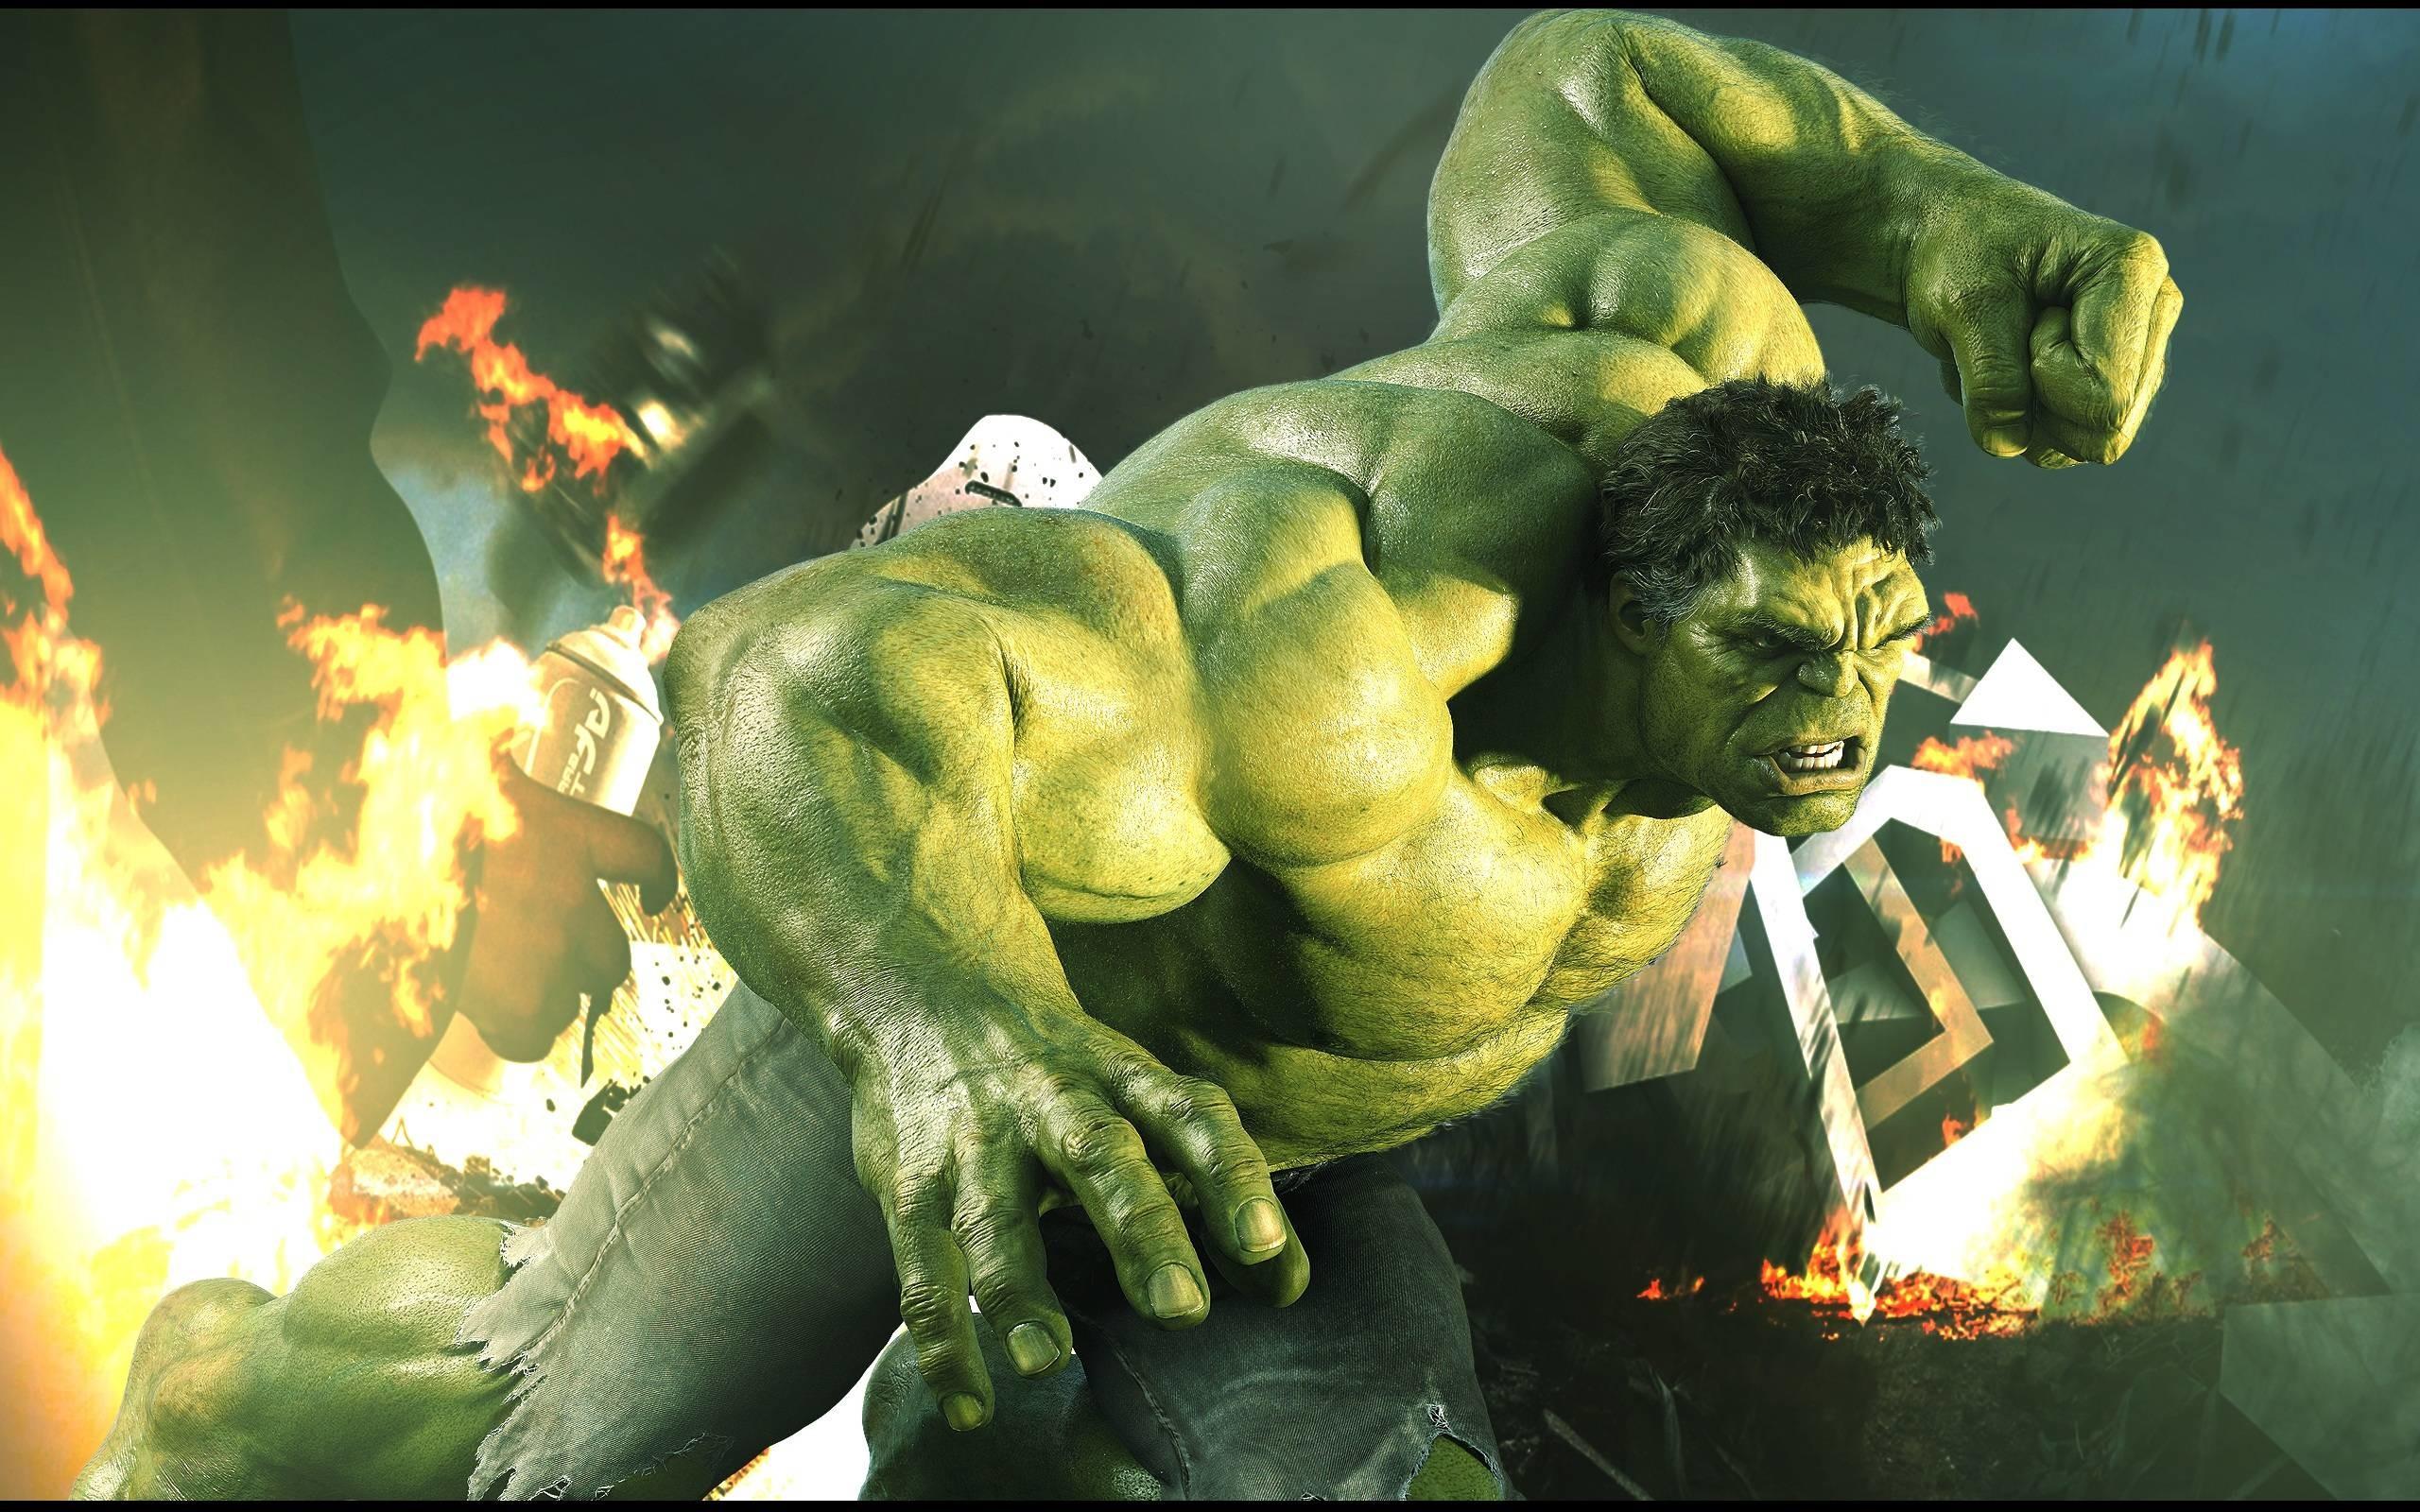 Hulk Wallpaper Hd Reverse by azzk1ka on DeviantArt